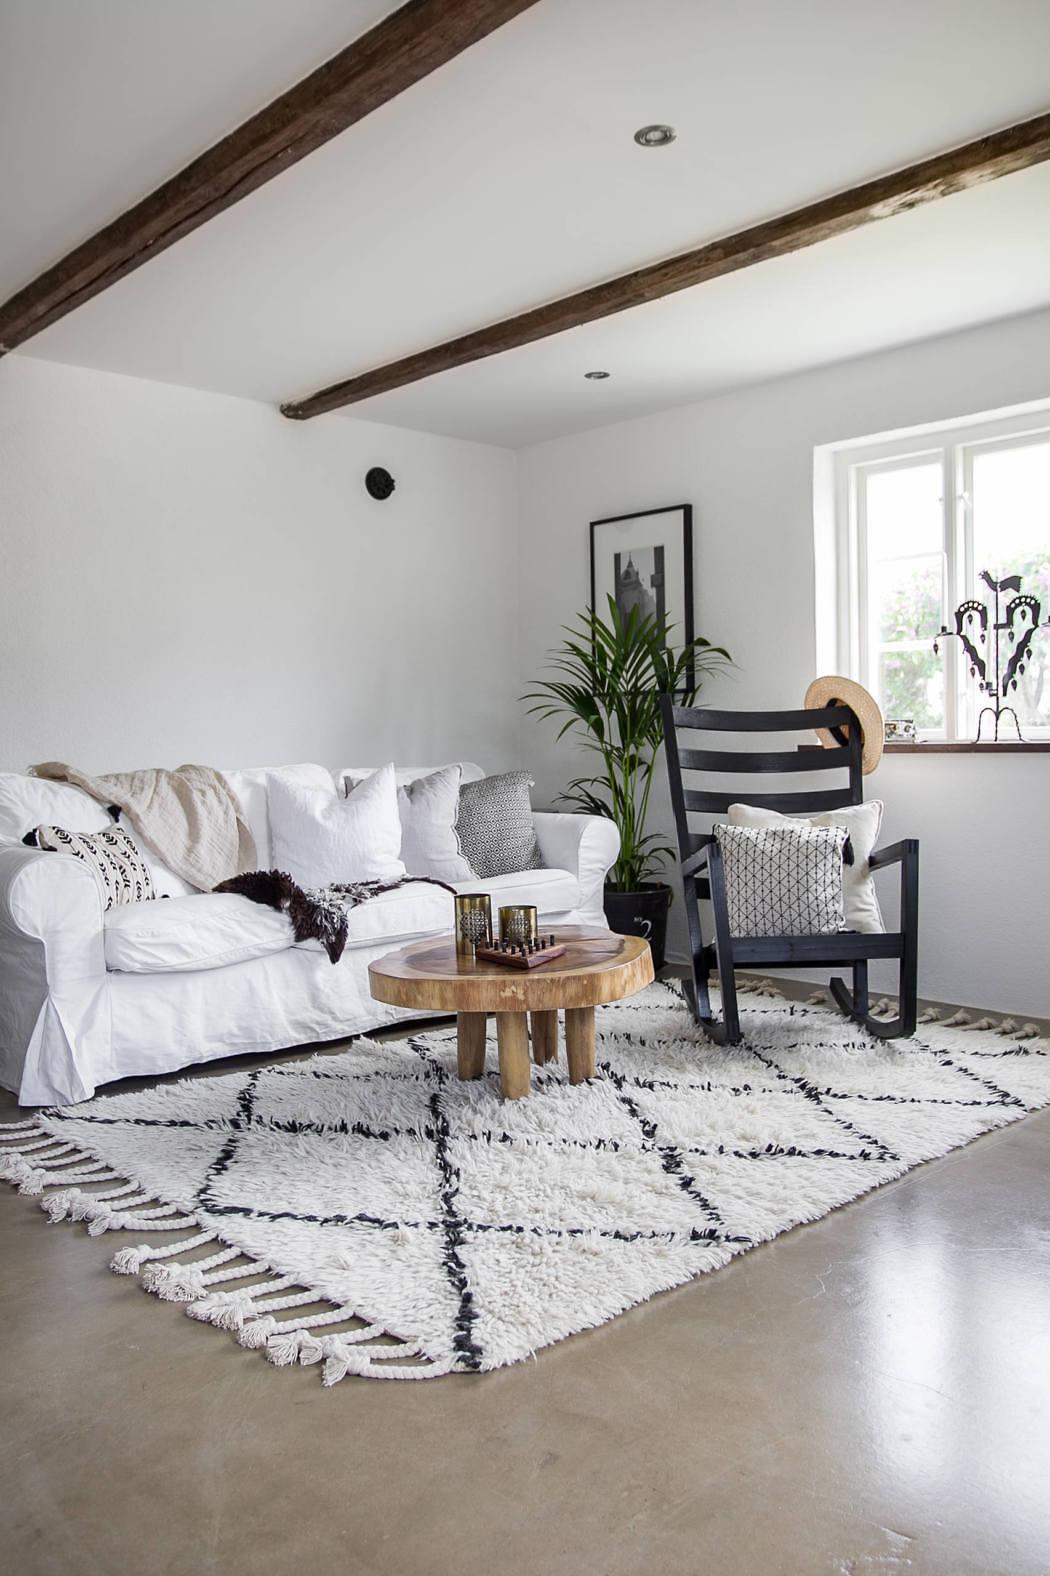 Appartamento in stile country l 39 eleganza dolce di un for Casa in stile